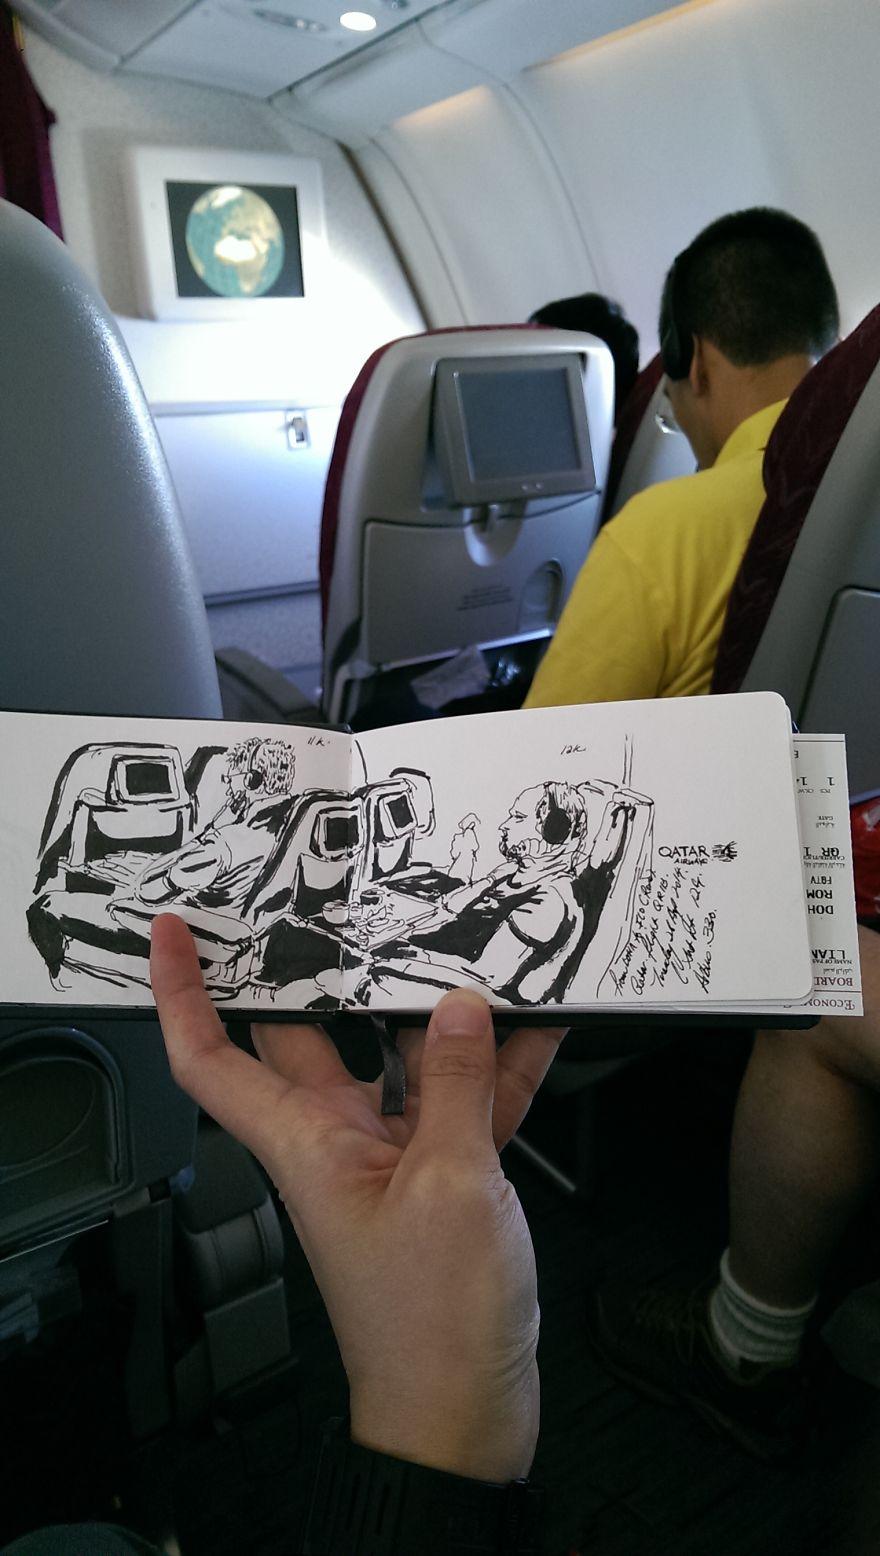 Flying Qatar